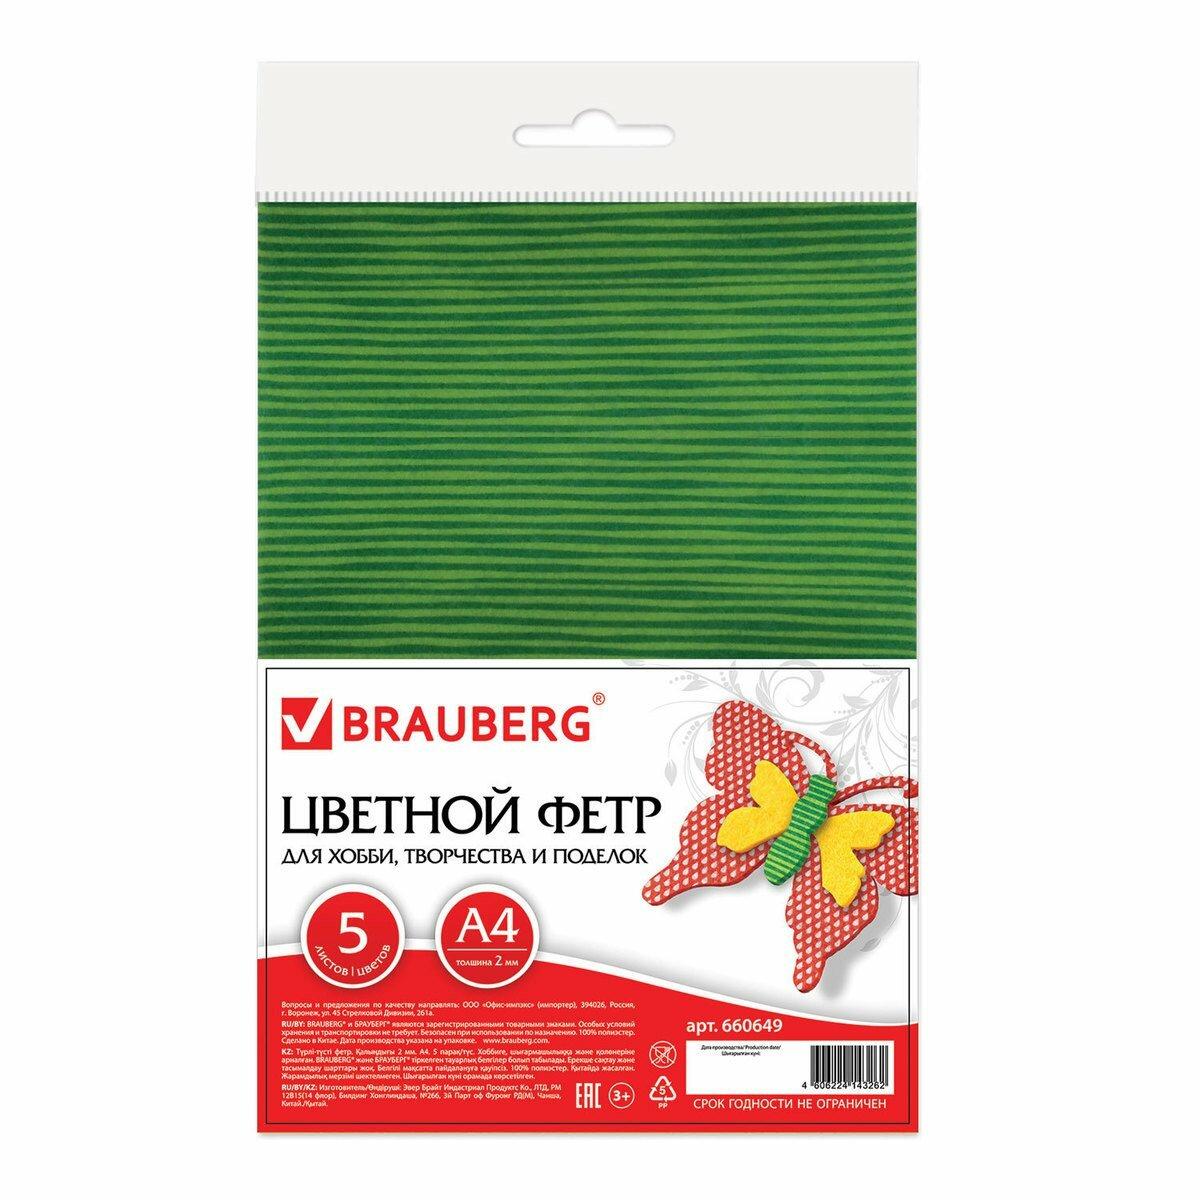 Цветной фетр Brauberg для творчества А4 210*297 мм 5 л., 5 цветов, толщина 2 мм